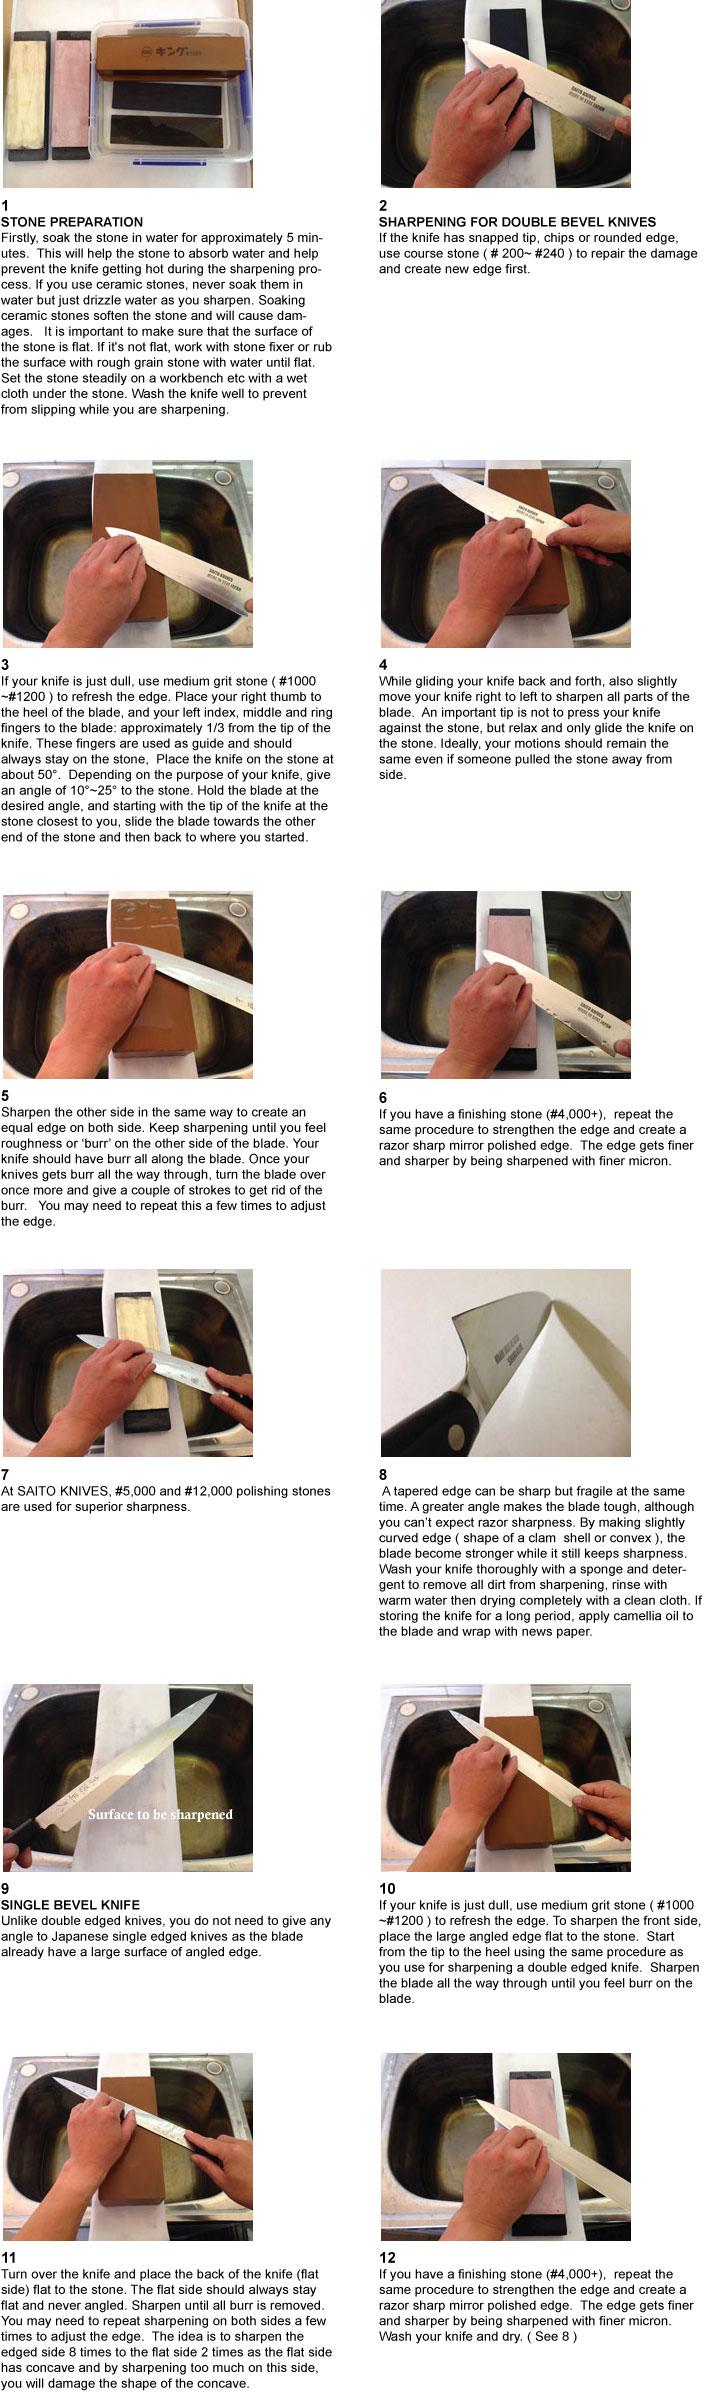 how-to-sharpen-tips.jpg